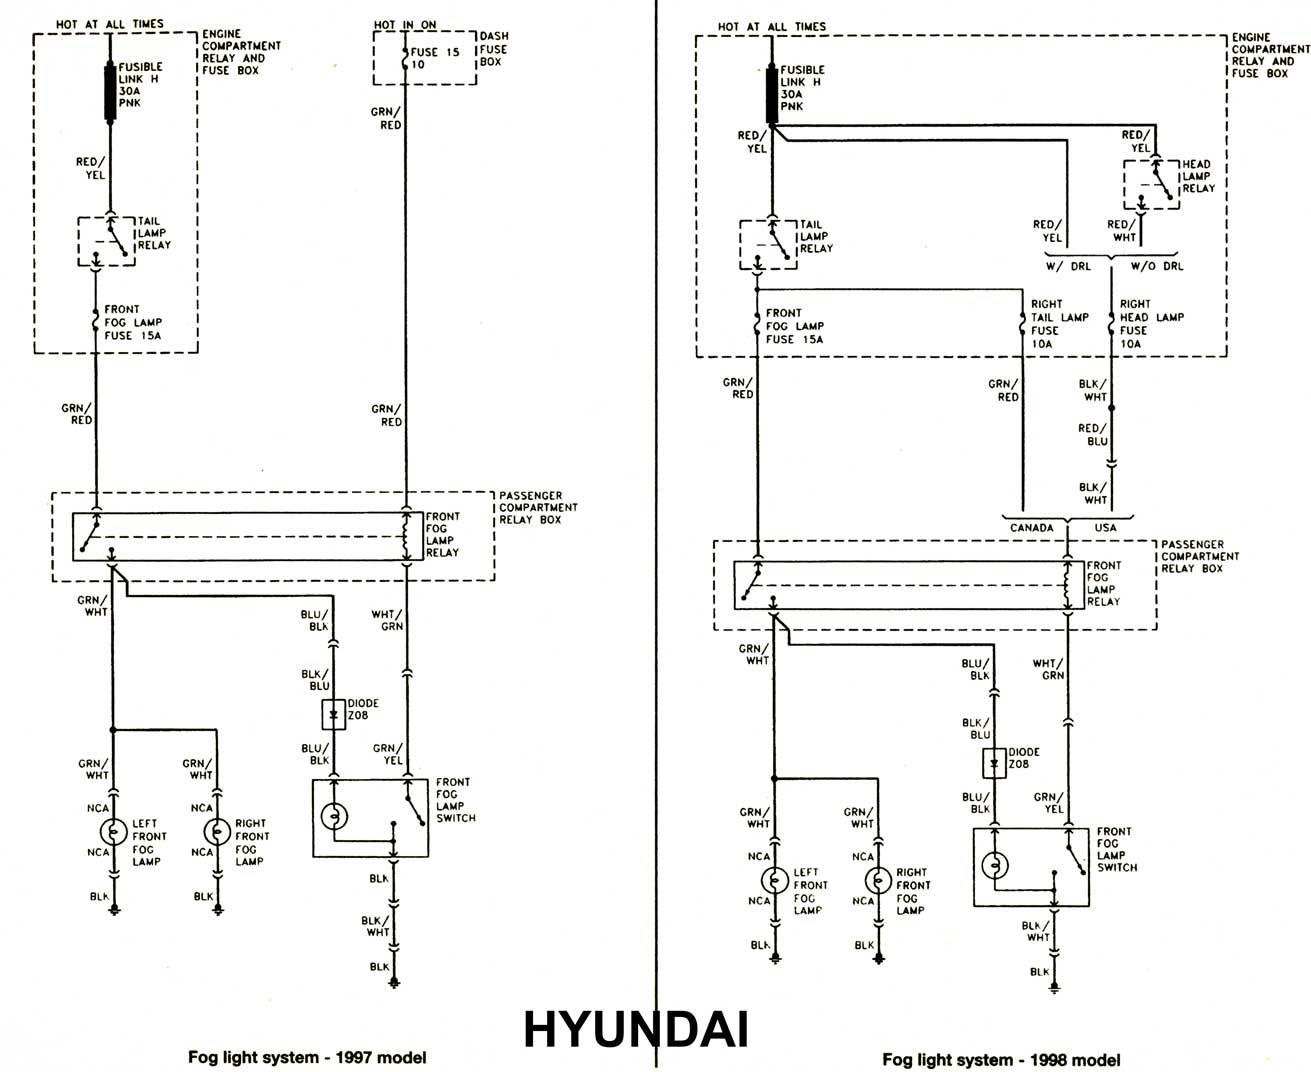 de control del motor 1998 emissions sistema de luces de